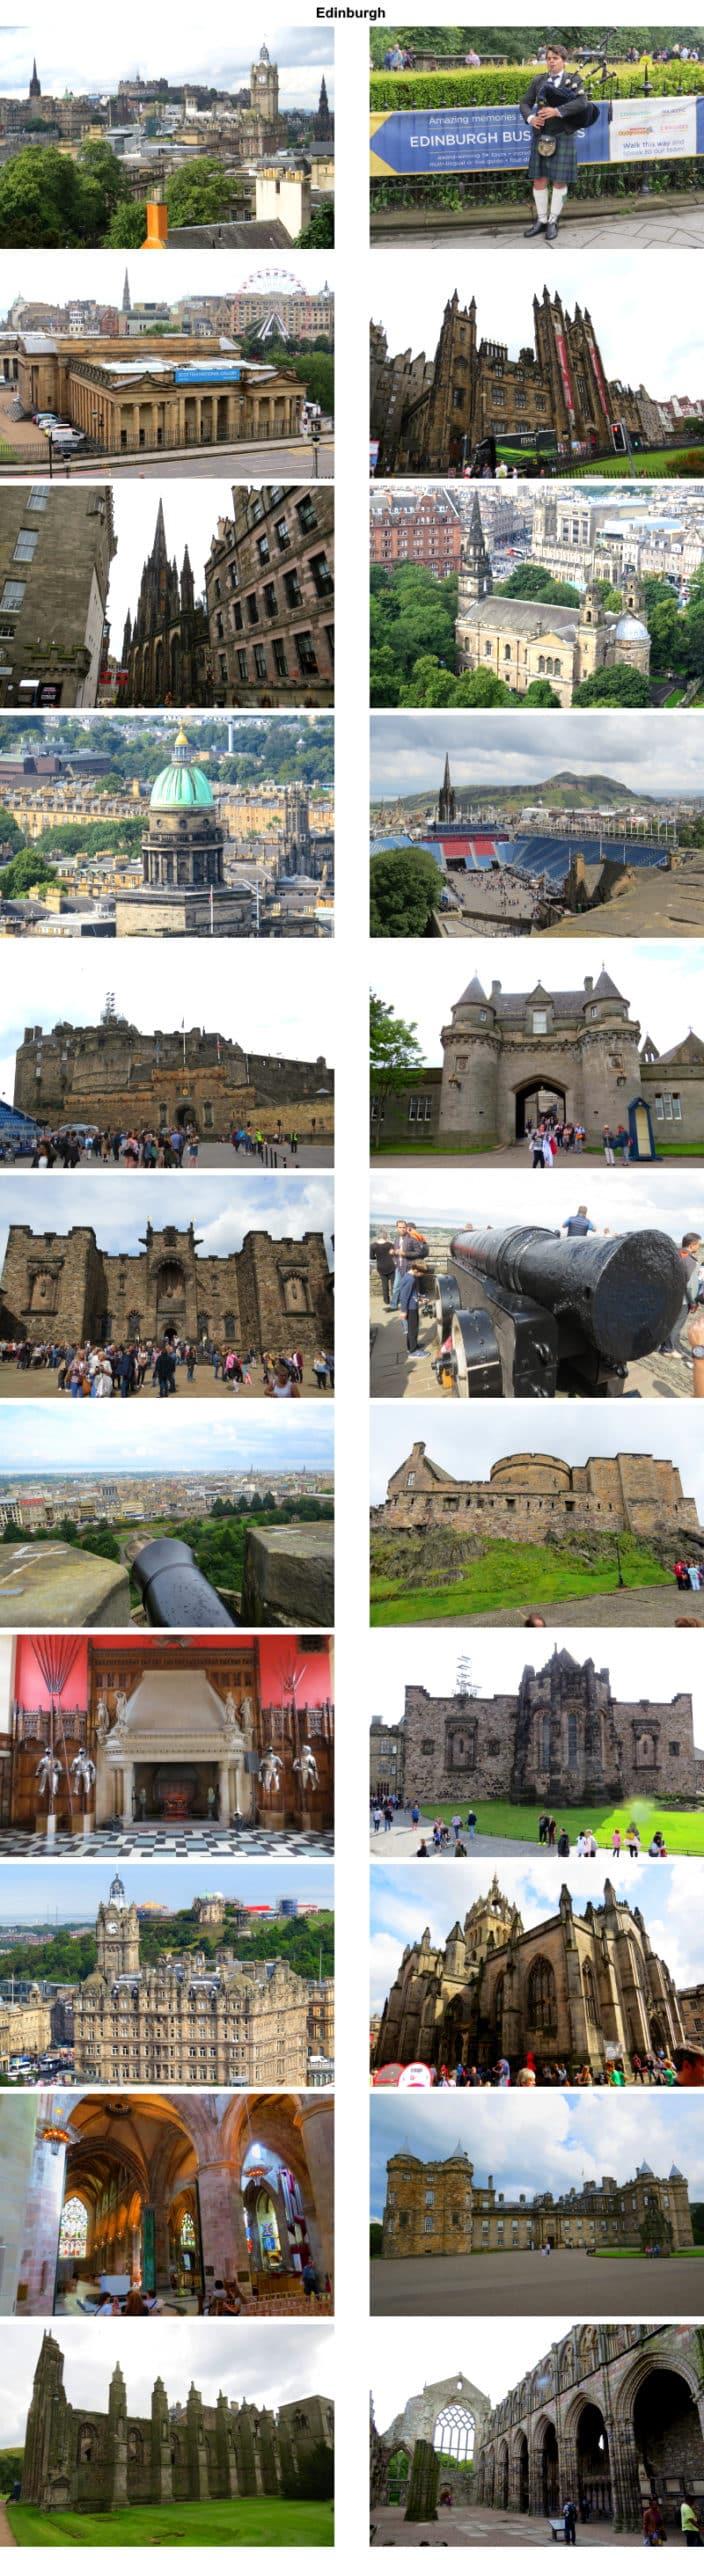 Edinburgh ist das nächstes Ziel auf der Kreuzfahrt mit der MS Berlin.